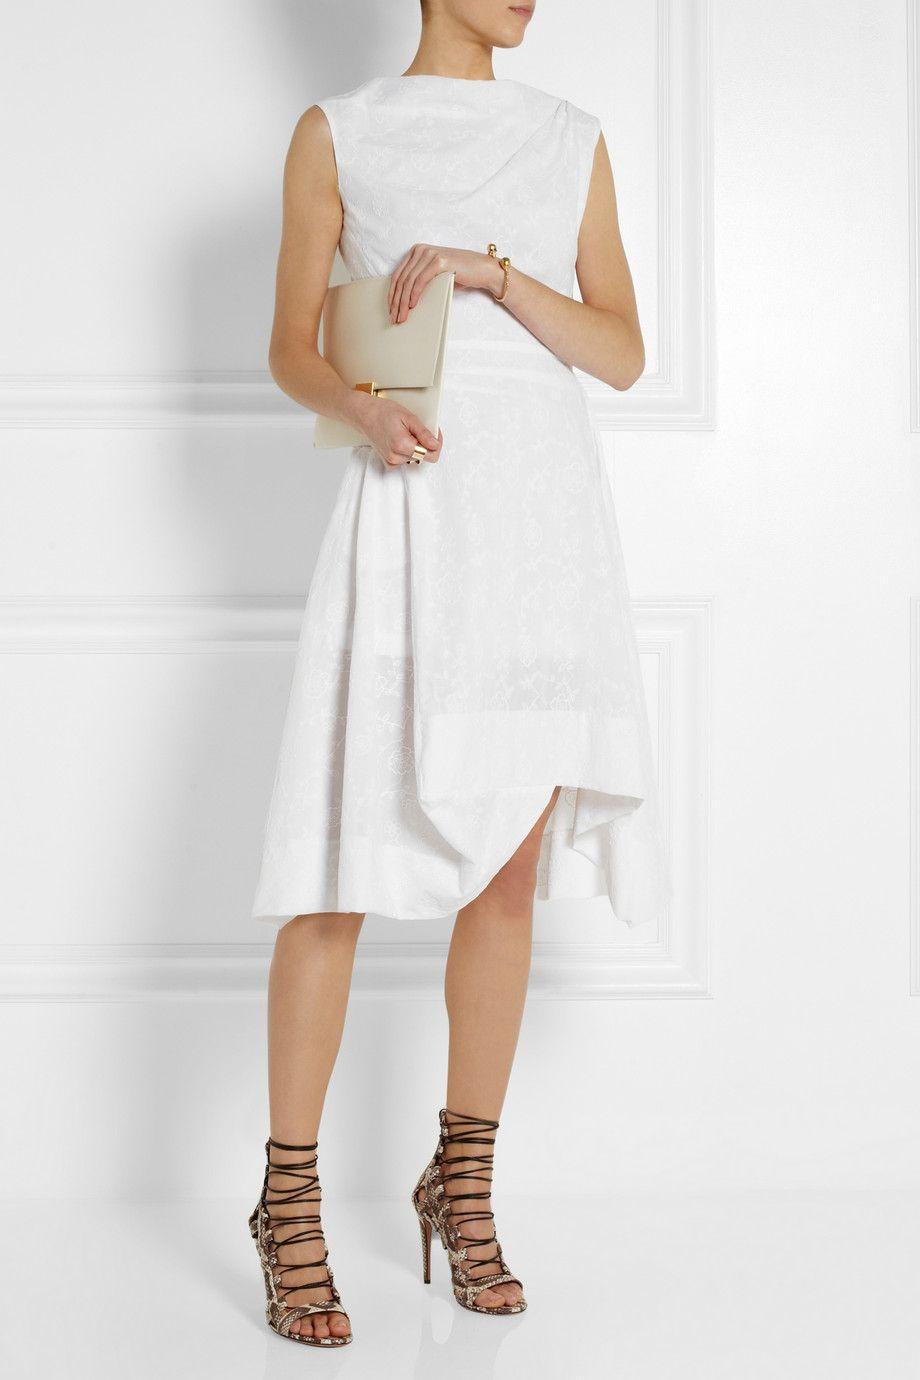 Vivienne Westwood Anglomania Aztec Embroidered Cotton Dress Net A Porter Com Cotton Dresses Fashion Vivienne Westwood Anglomania [ 1380 x 920 Pixel ]